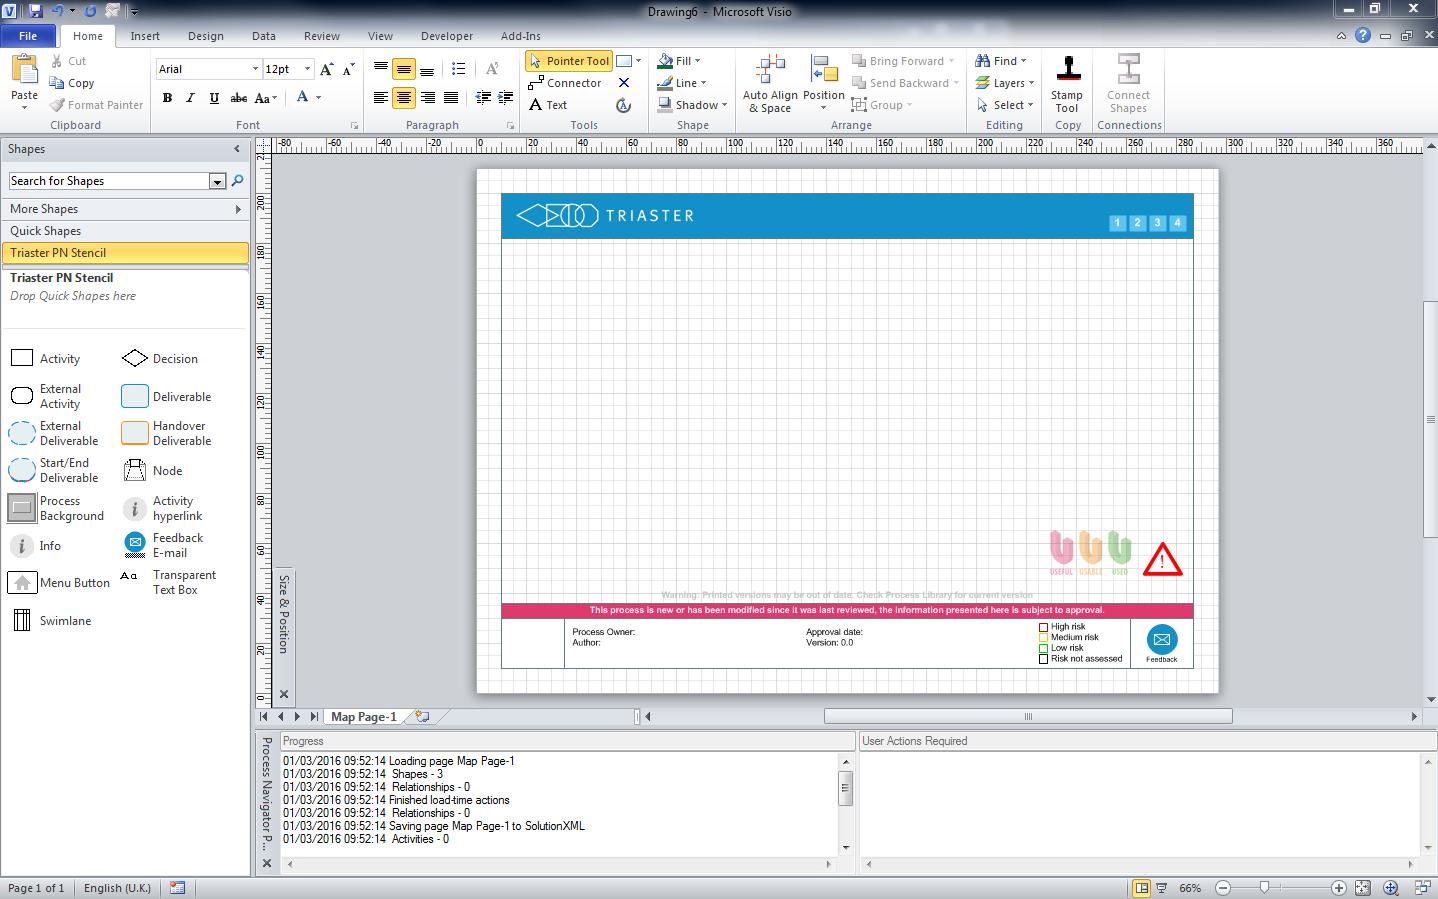 Visio_screenshot.png